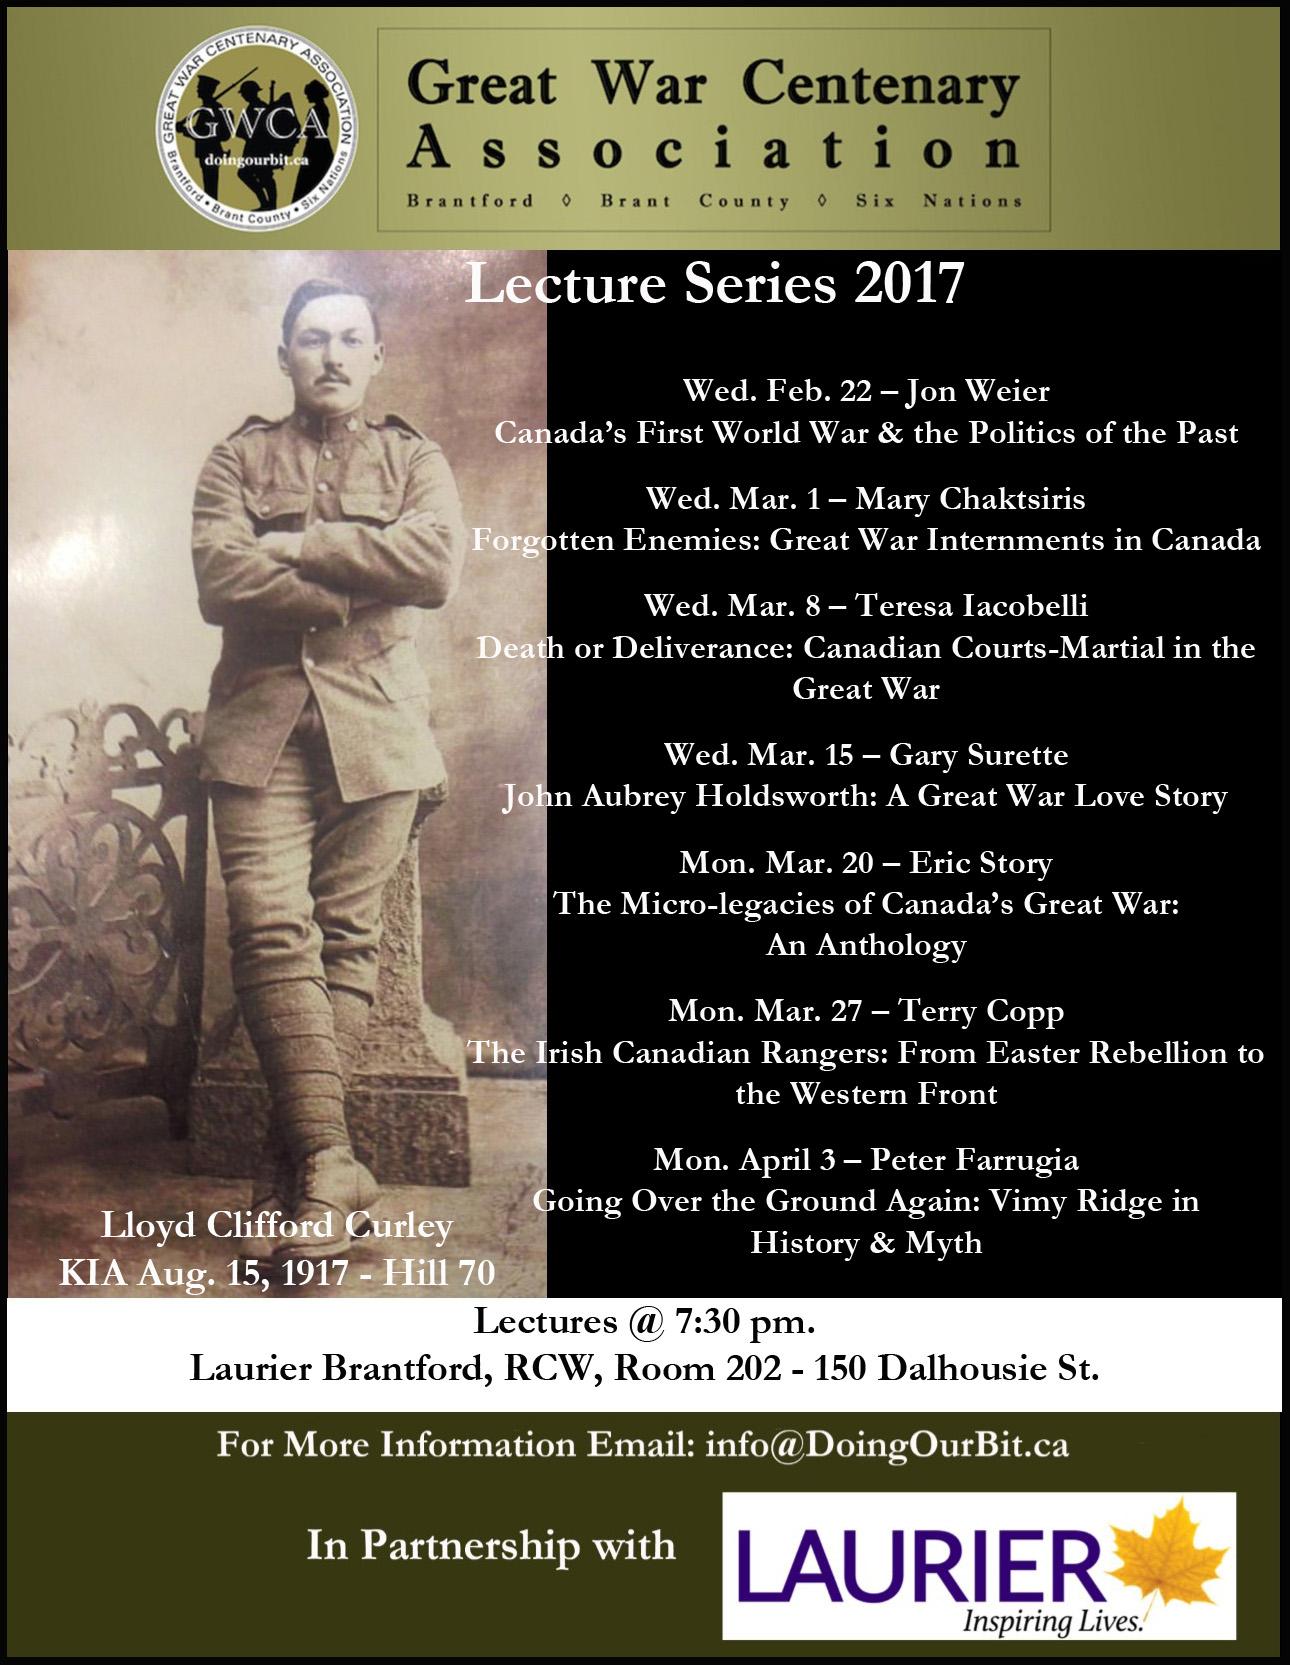 Doing our Bit - Great War Centenary Association - First World War, Brant County, Ontario